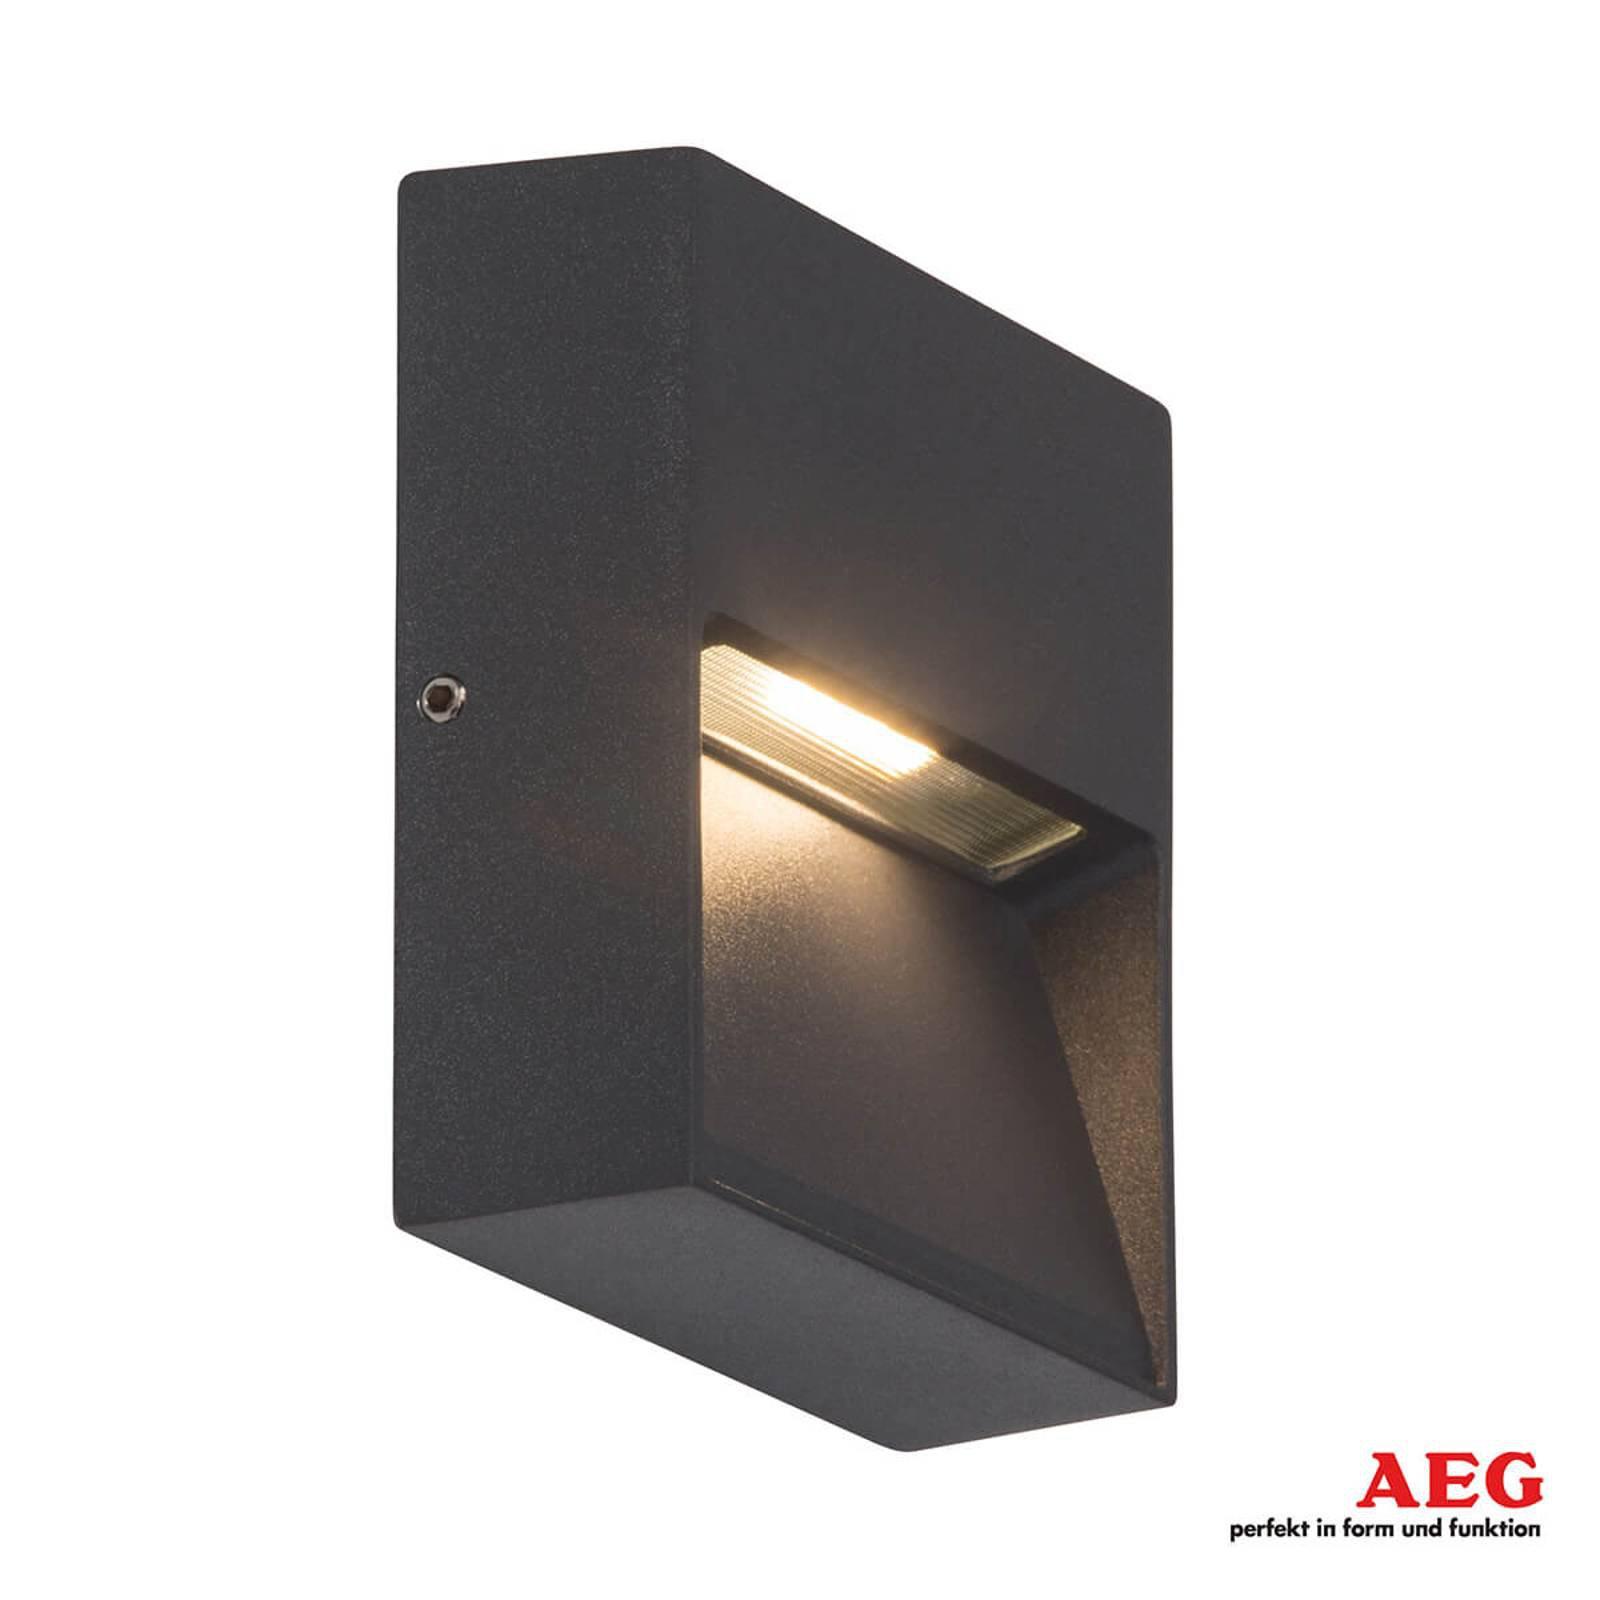 Front firkantet LED-vegglampe for utendørsbruk